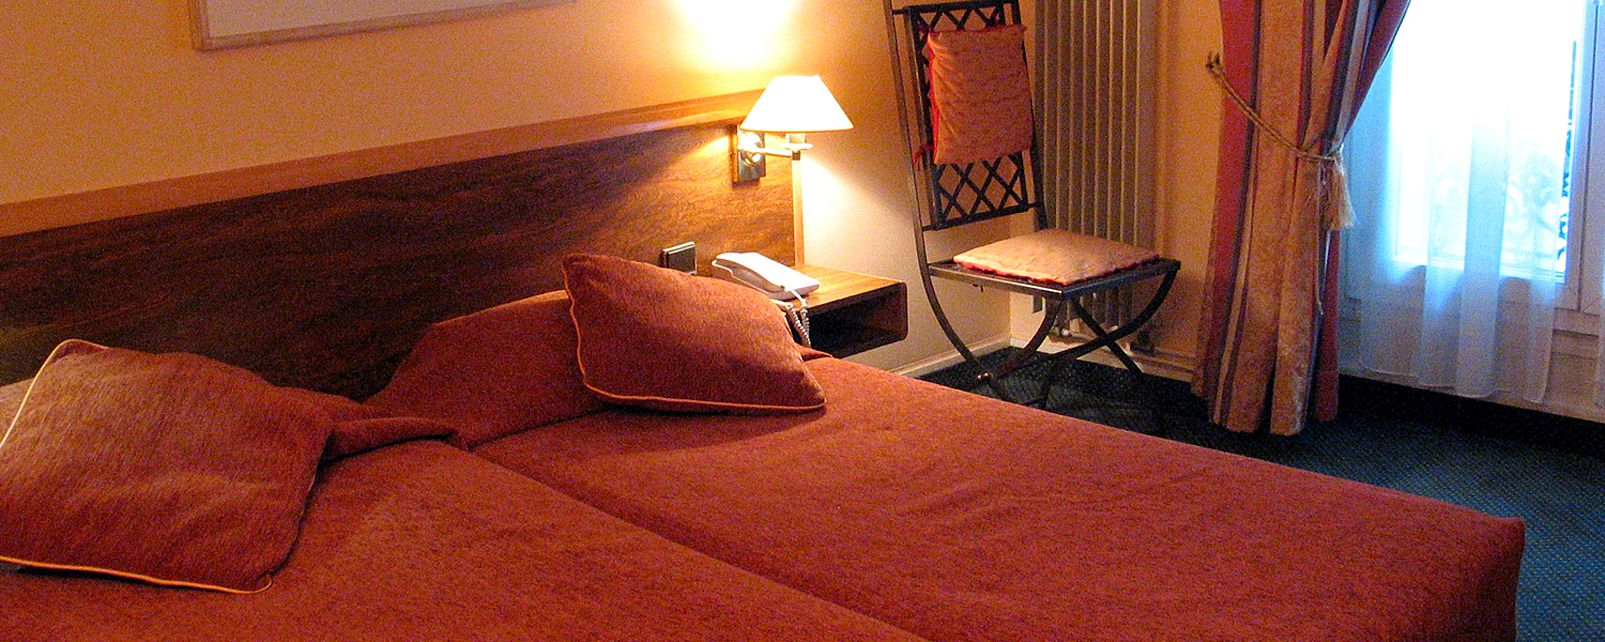 Hotel Monceau Etoile